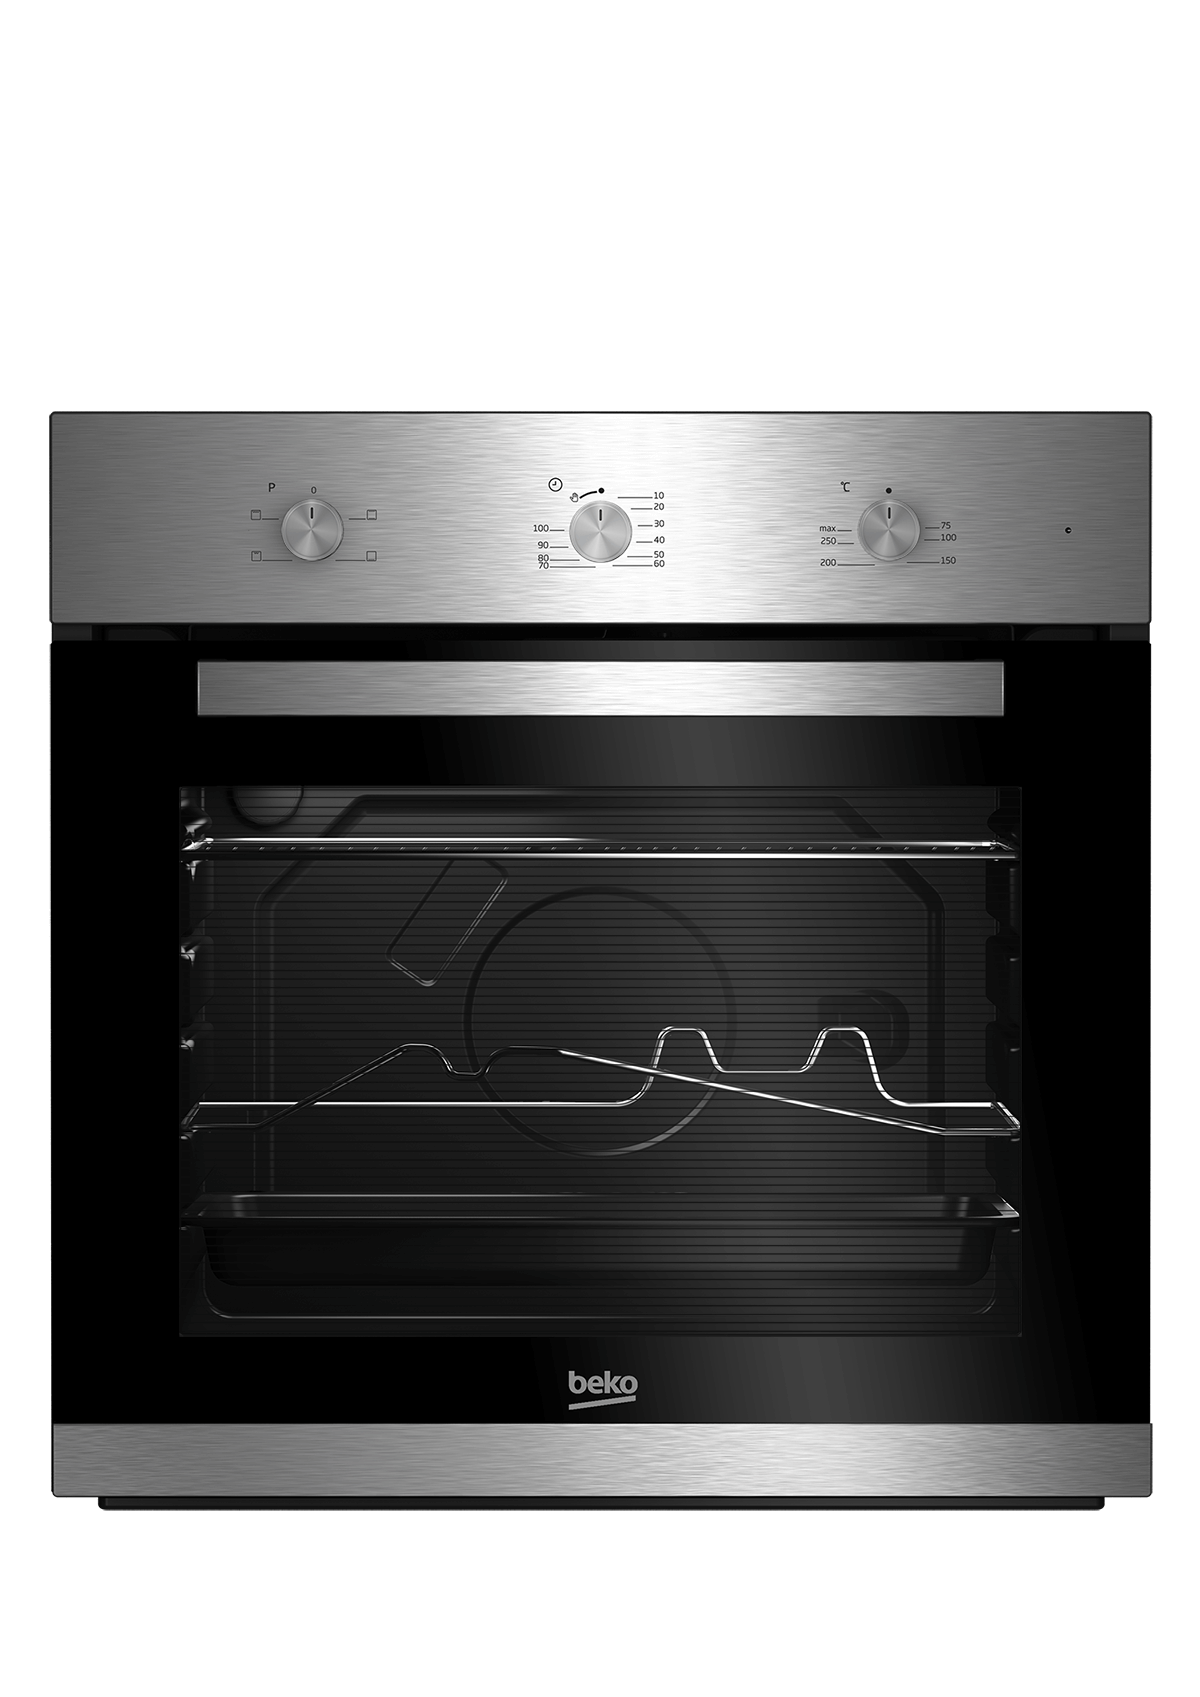 BEKO 60cm Built In Electric Oven BICT22100X